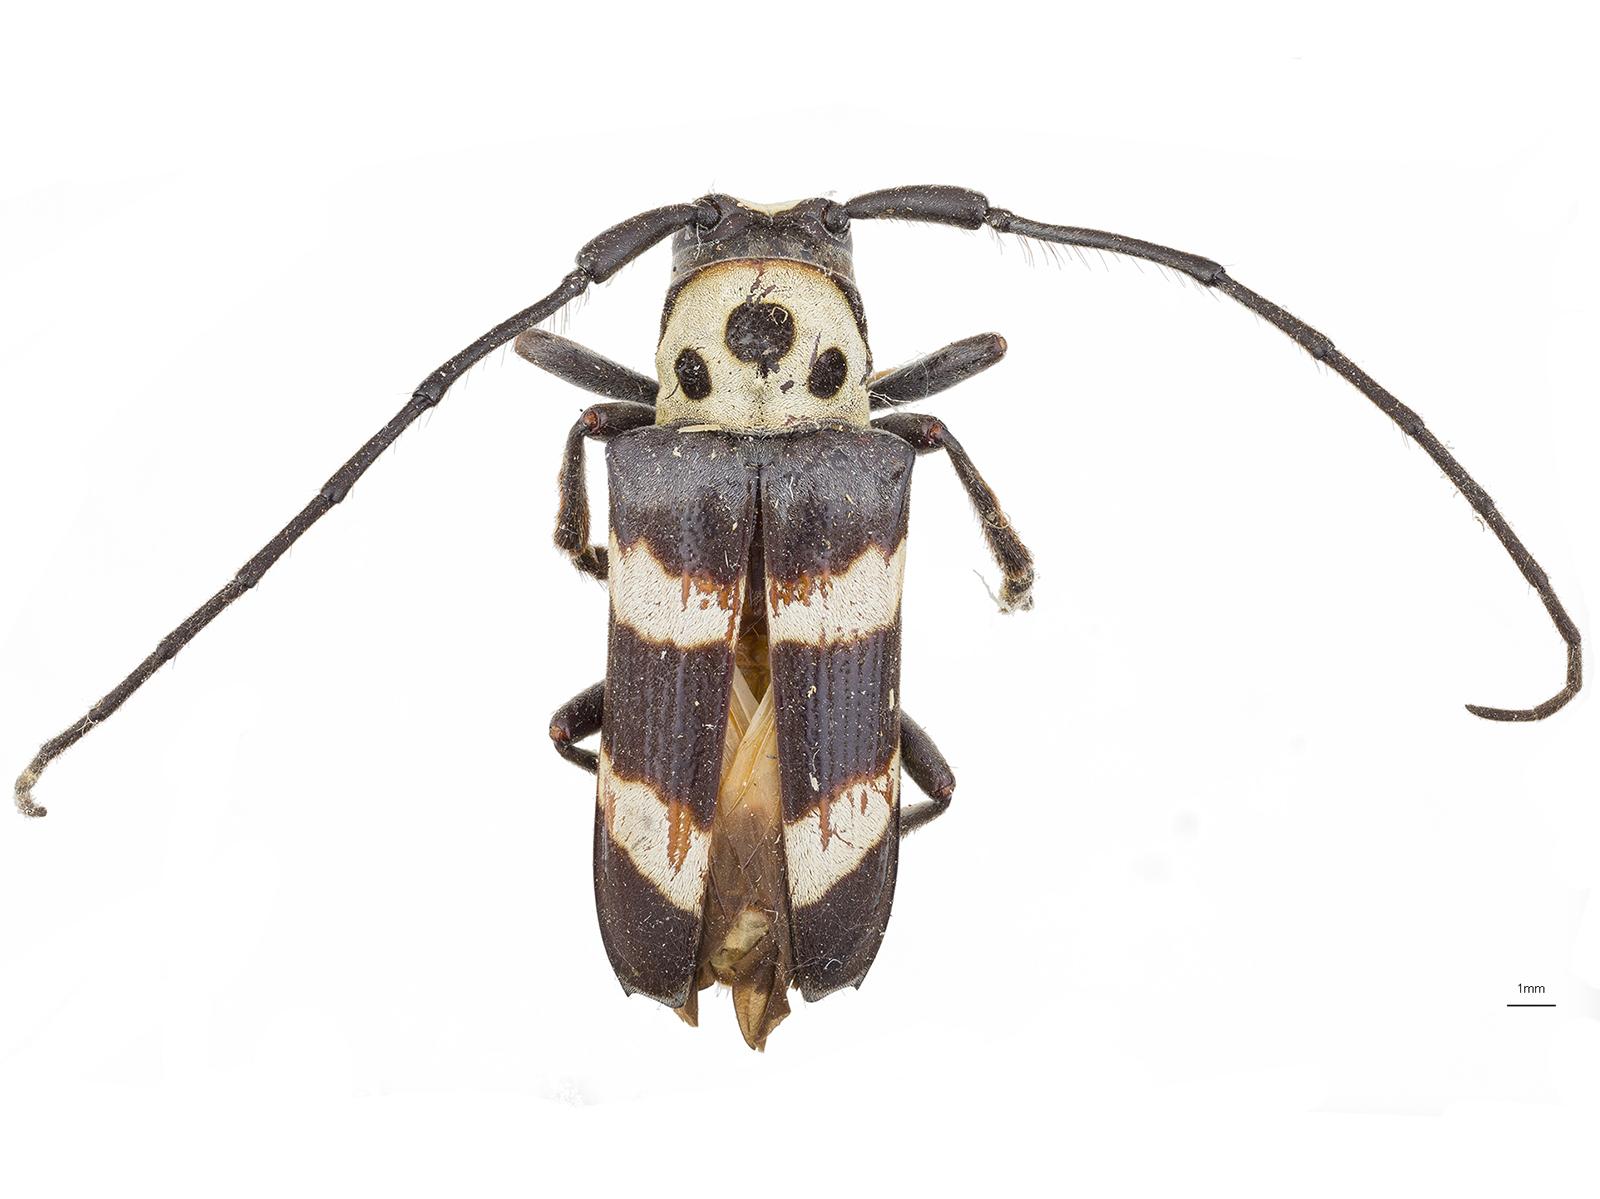 Oedudes spectabilis(Drury, 1782)